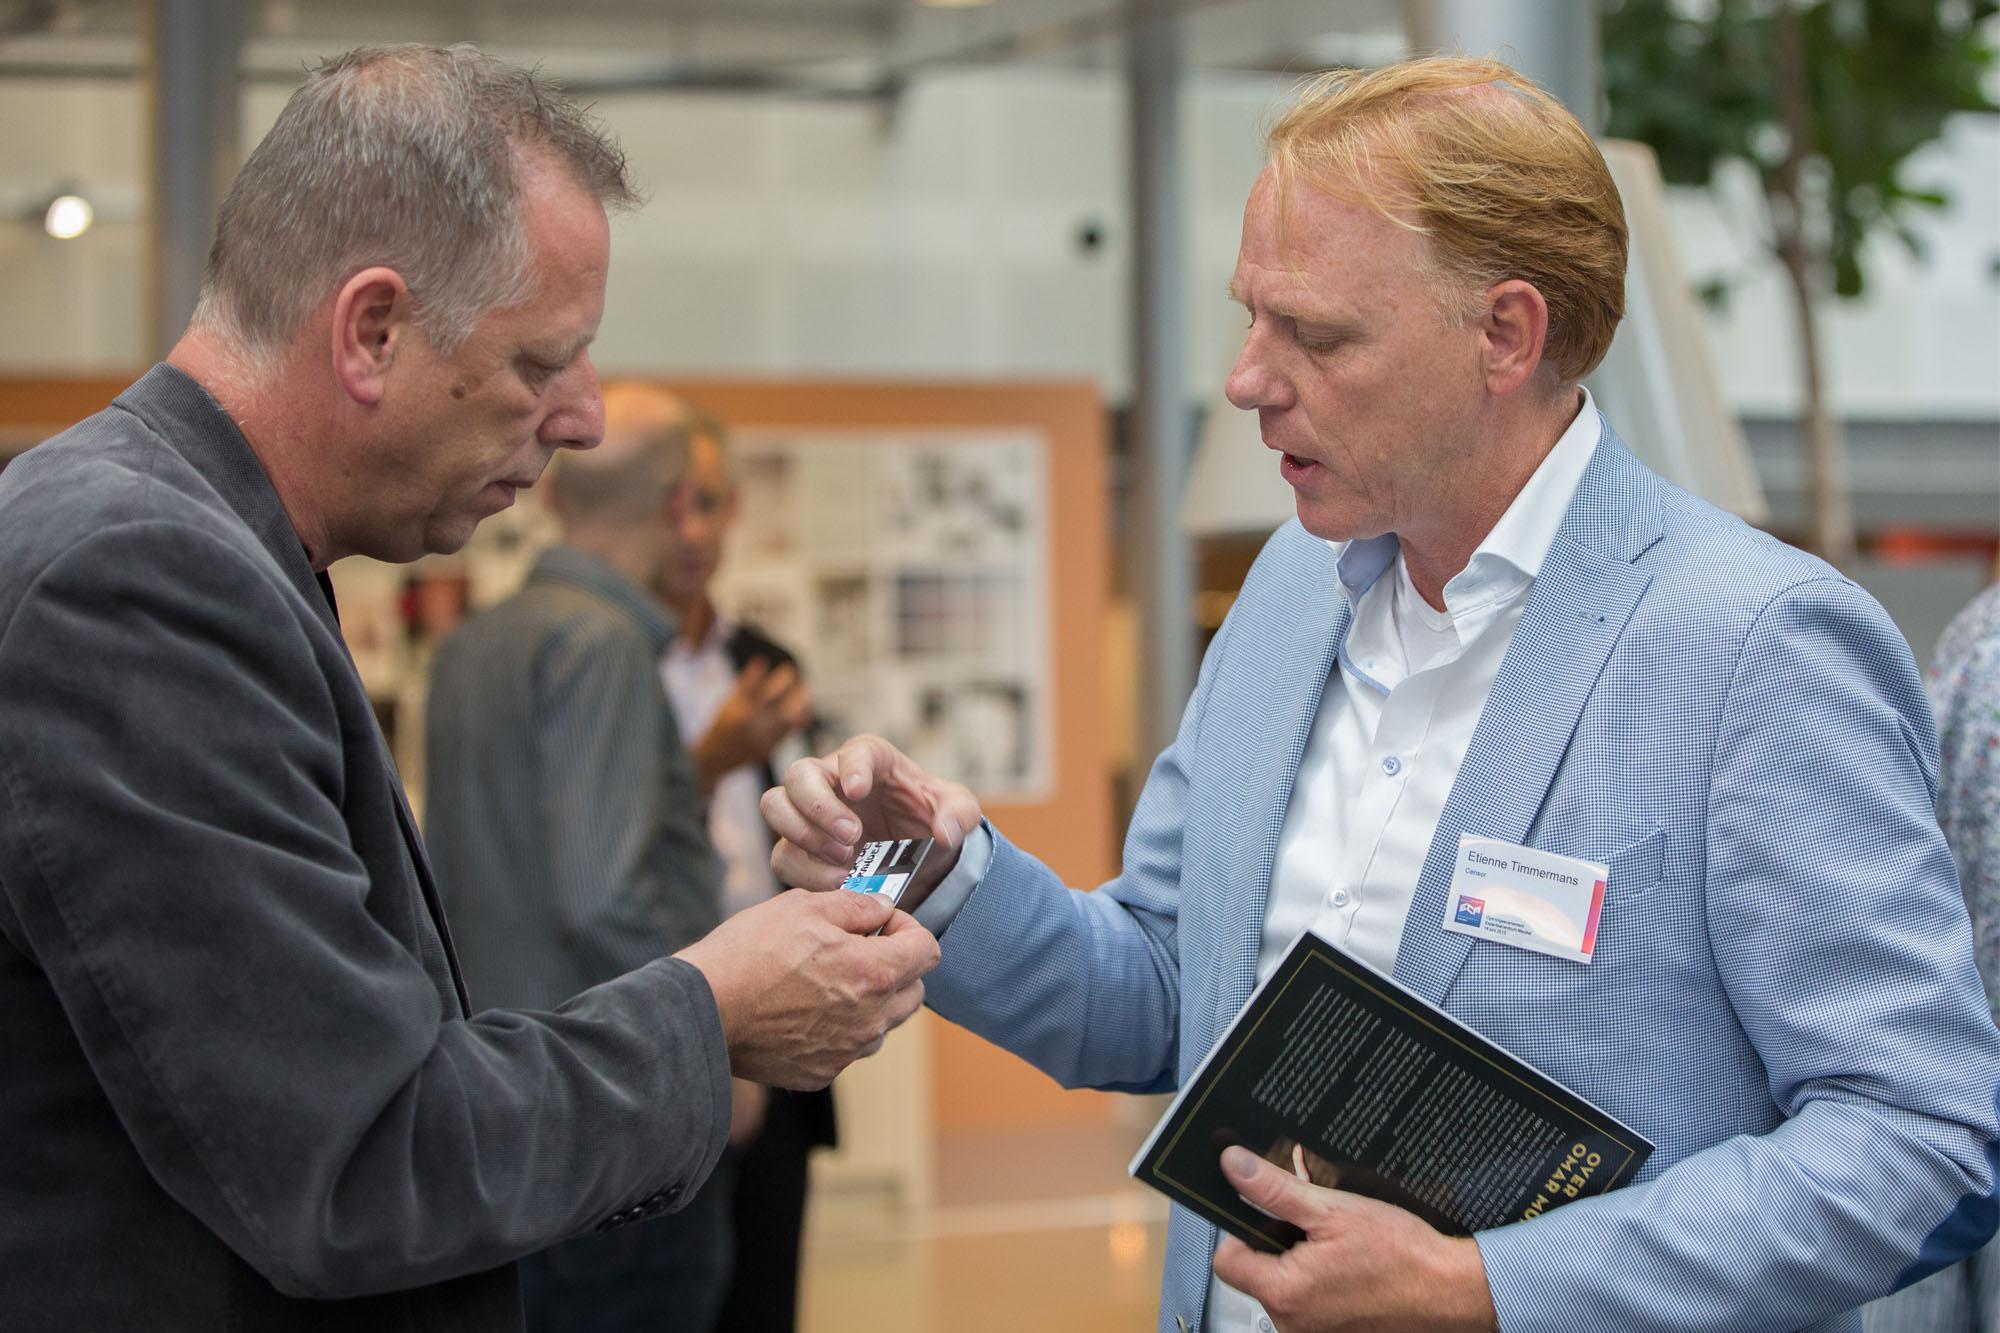 BFoto Fotograaf Utrecht congressfotograaf netwerken